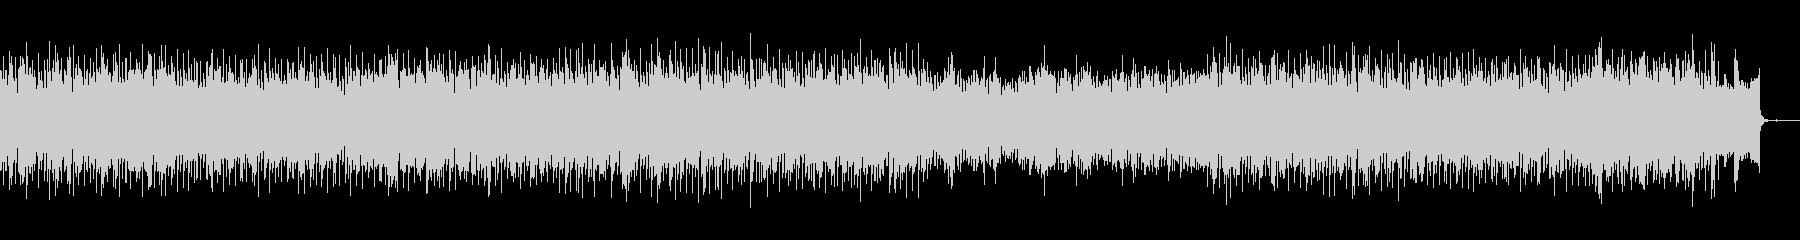 シンセを多用したコピューターミュージックの未再生の波形